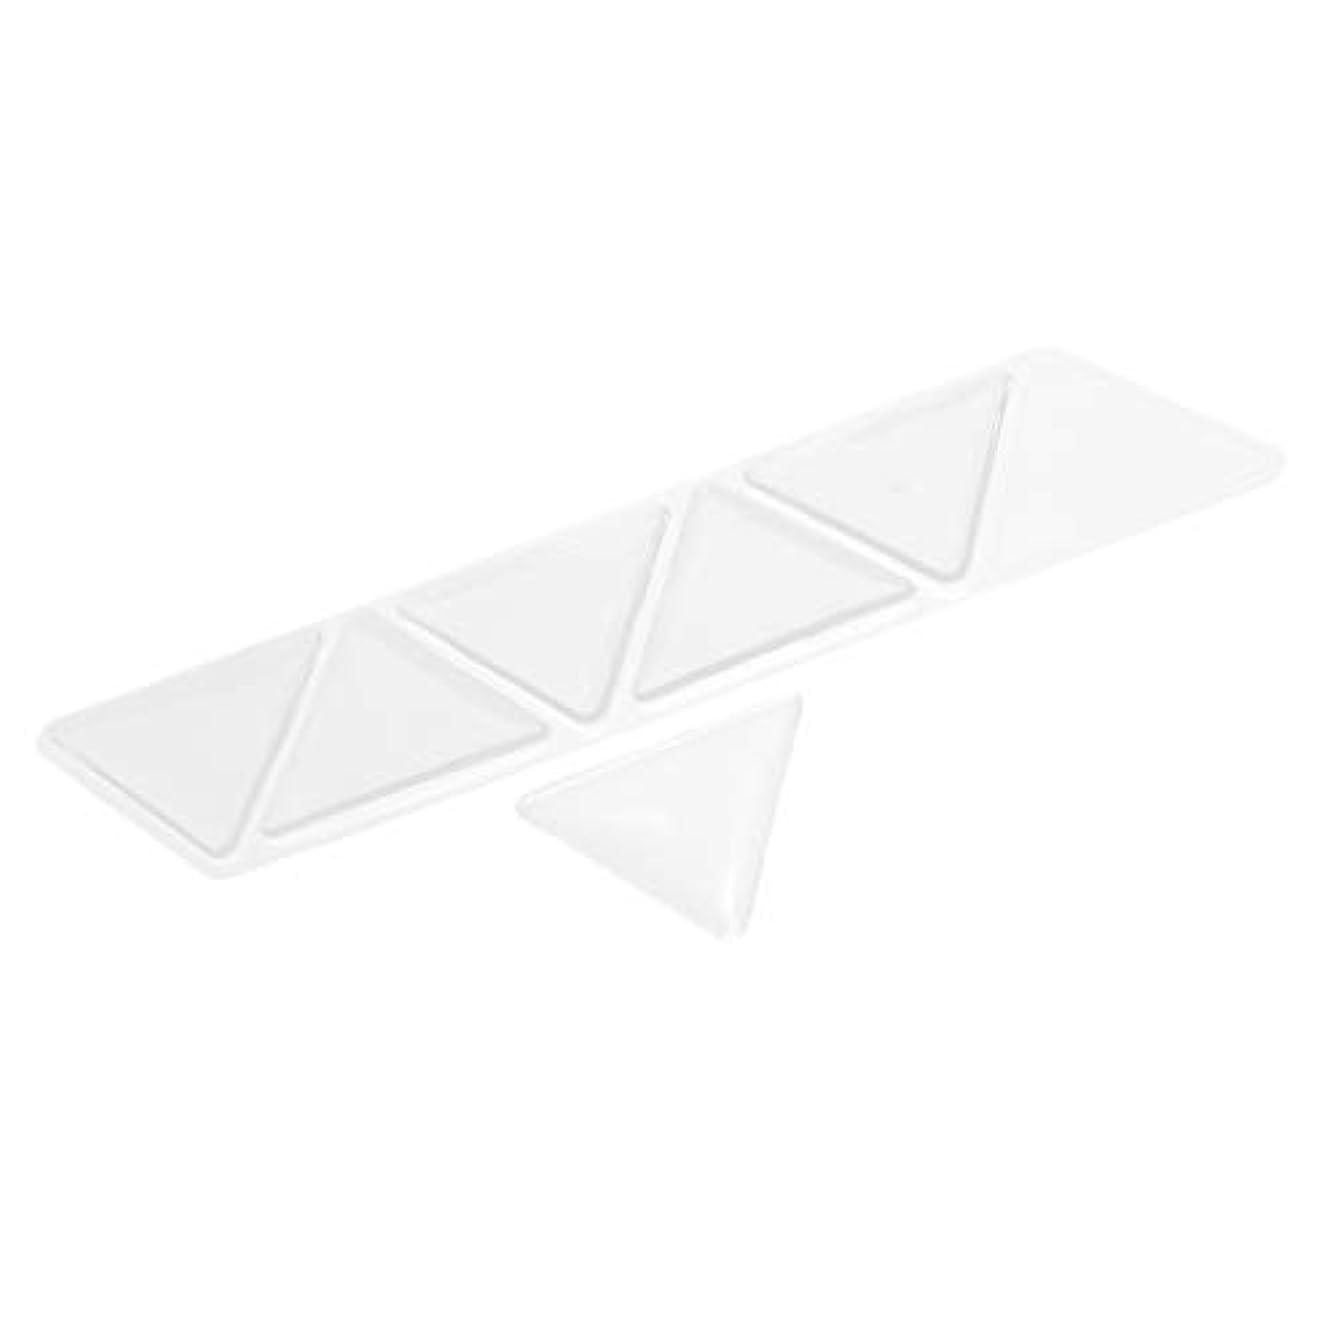 気味の悪い放置合理化dailymall 額 パッド アンチリンクル シリコーン パッチスキンケア 三角パッド 4.5×4cm 6個入